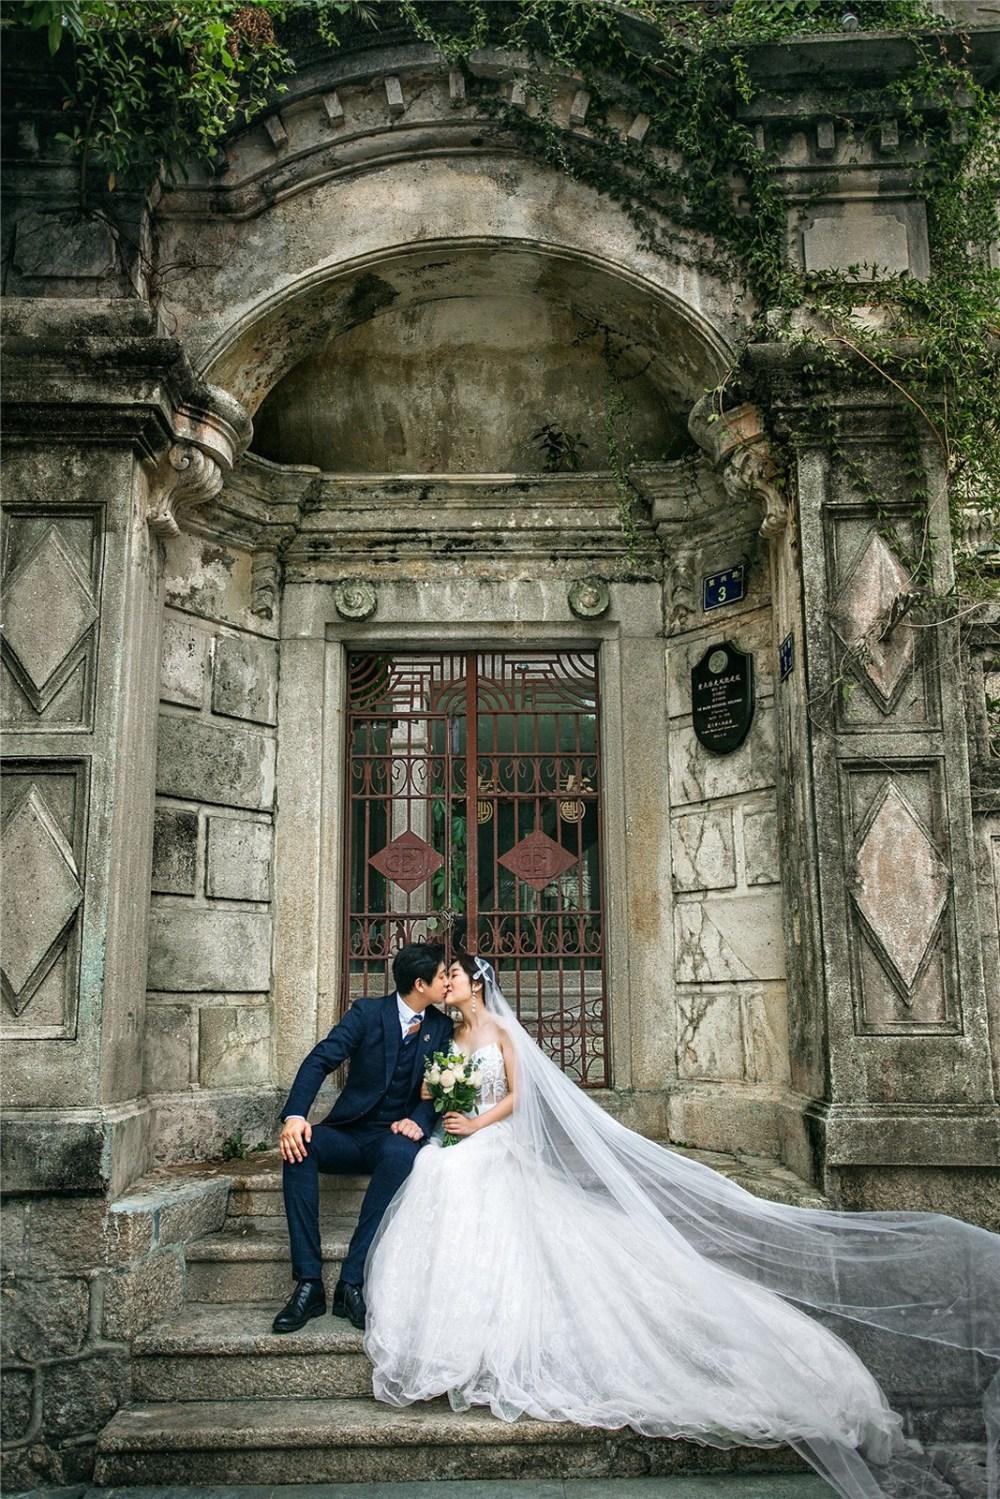 海外婚紗,出國拍婚紗價格,海外婚紗自己拍,國外自助婚紗,鼓浪嶼婚紗,海外婚紗推薦,鼓浪嶼婚紗